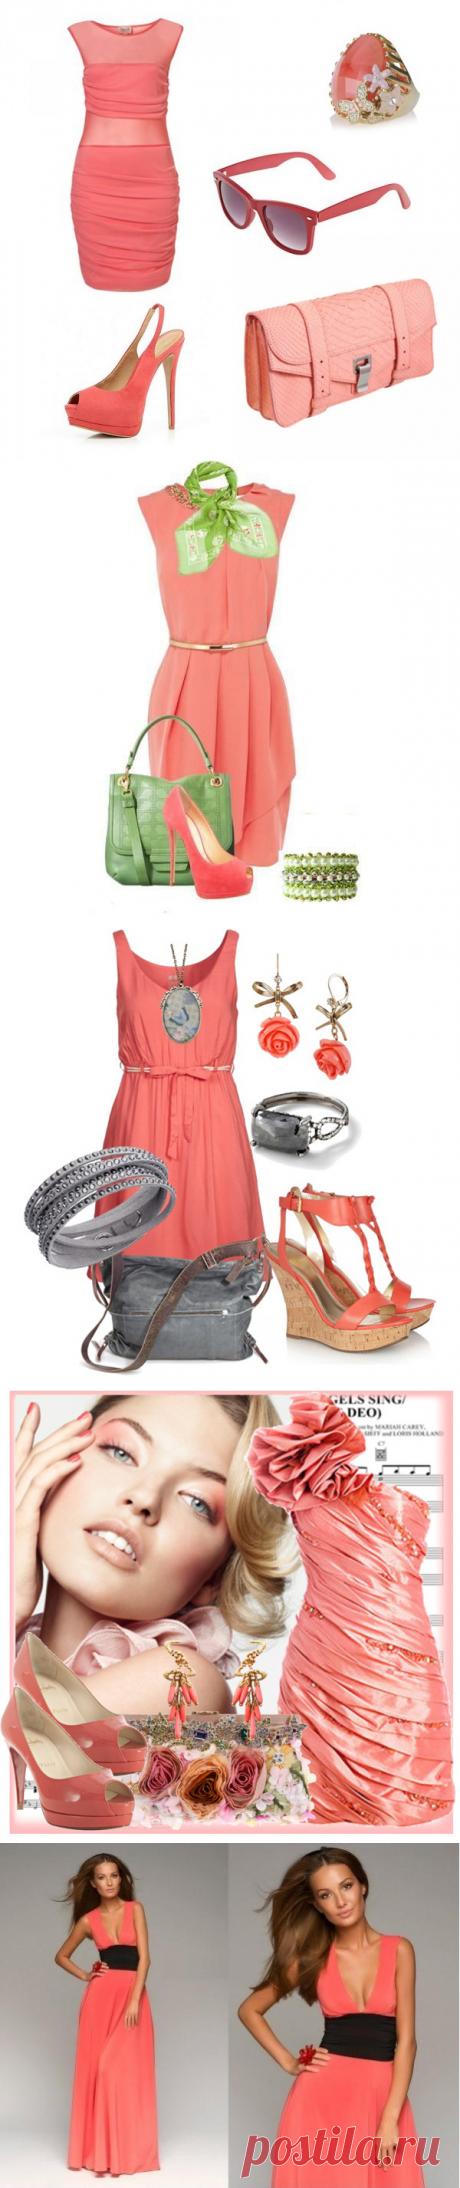 Туфли и аксессуары к коралловому платью: какие подойдут на выпускной, какого цвета, фото? | Интернет магазин одежды с бесплатной доставкой BG Fashion